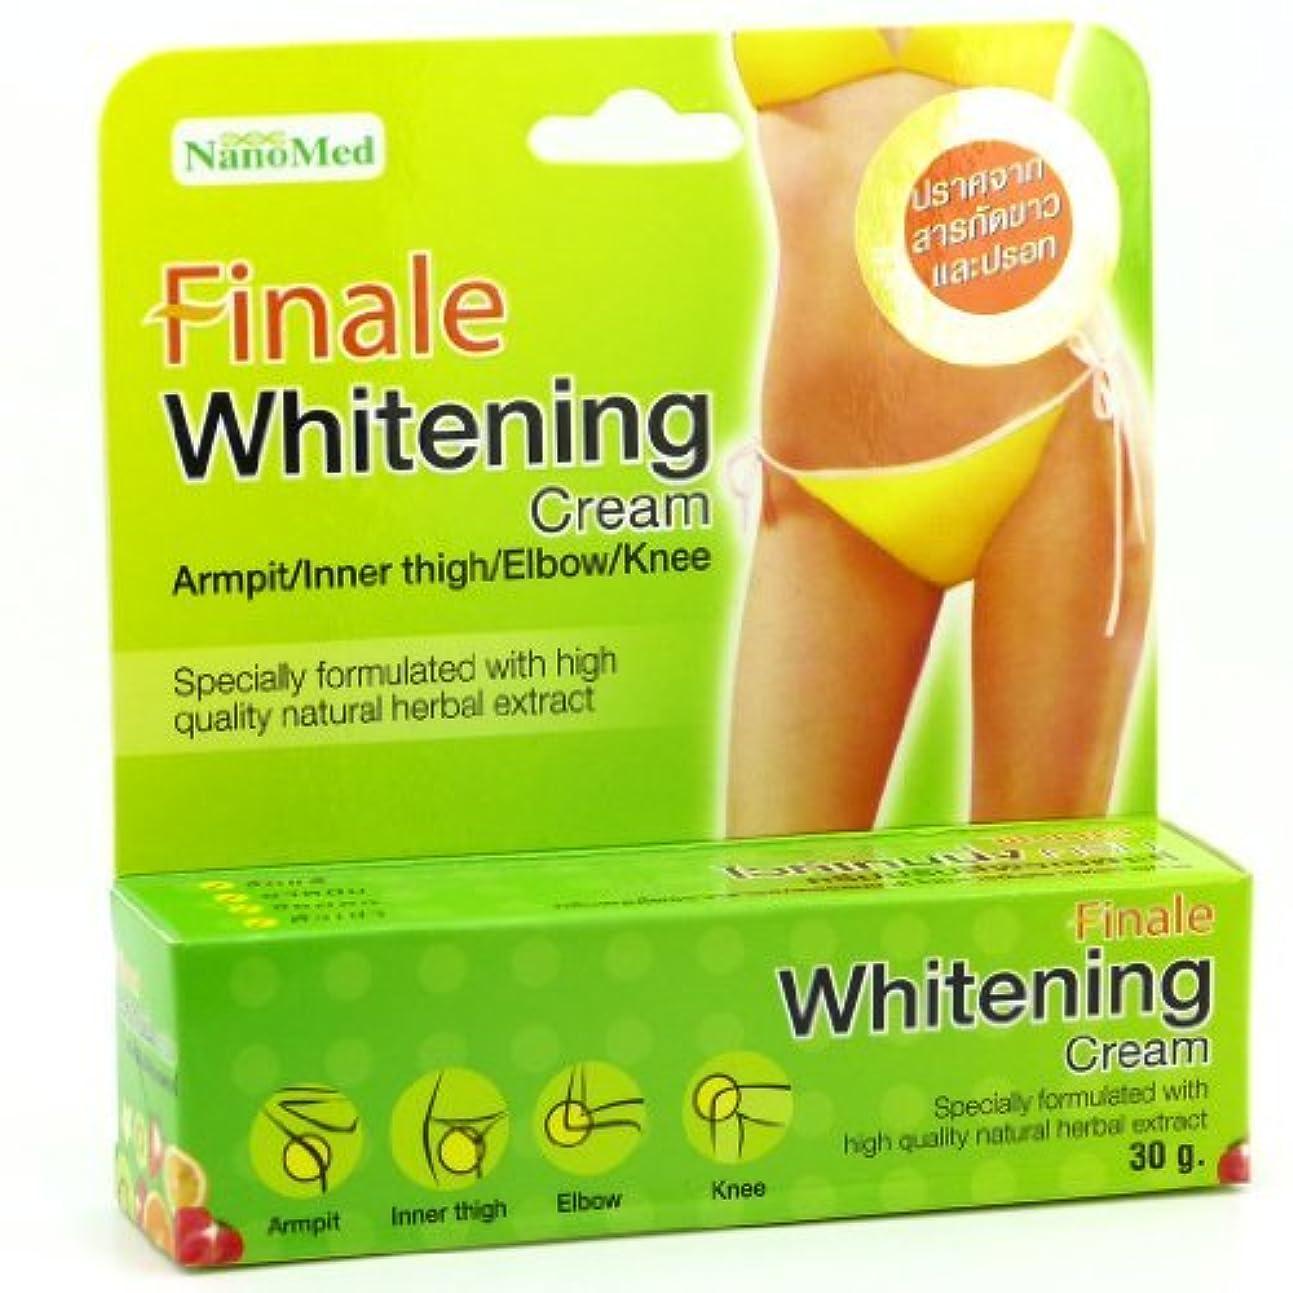 速報買い物に行く有毒?????????????????? Finale Whitening Cream 30g